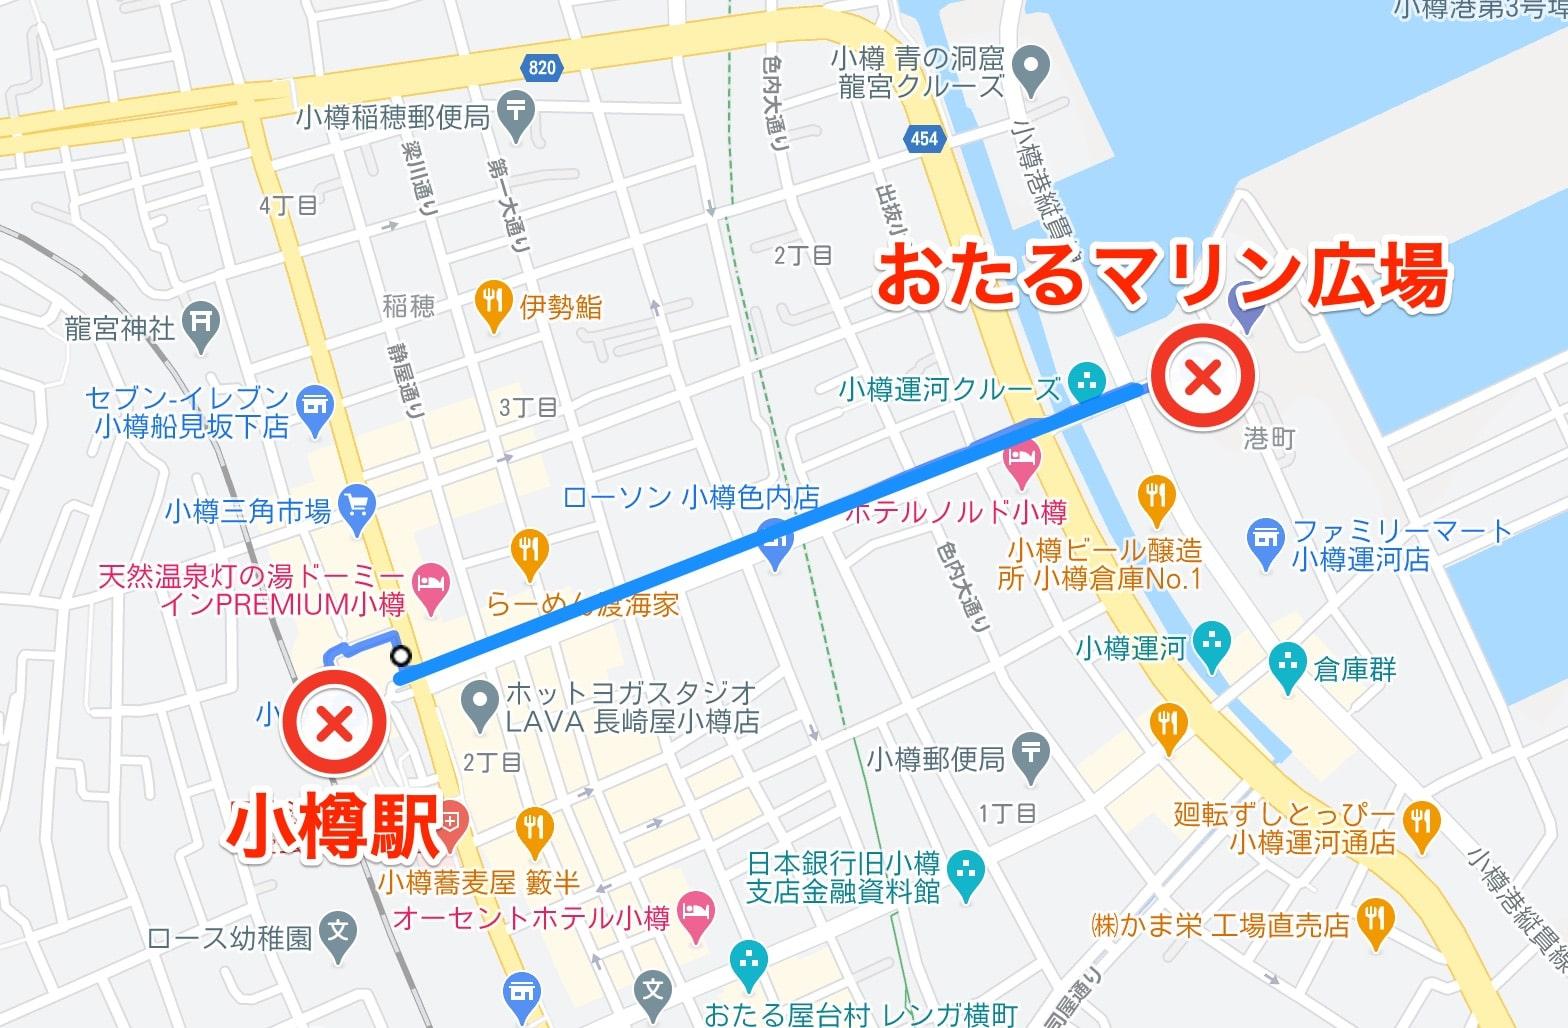 おたるマリン広場へのアクセス地図